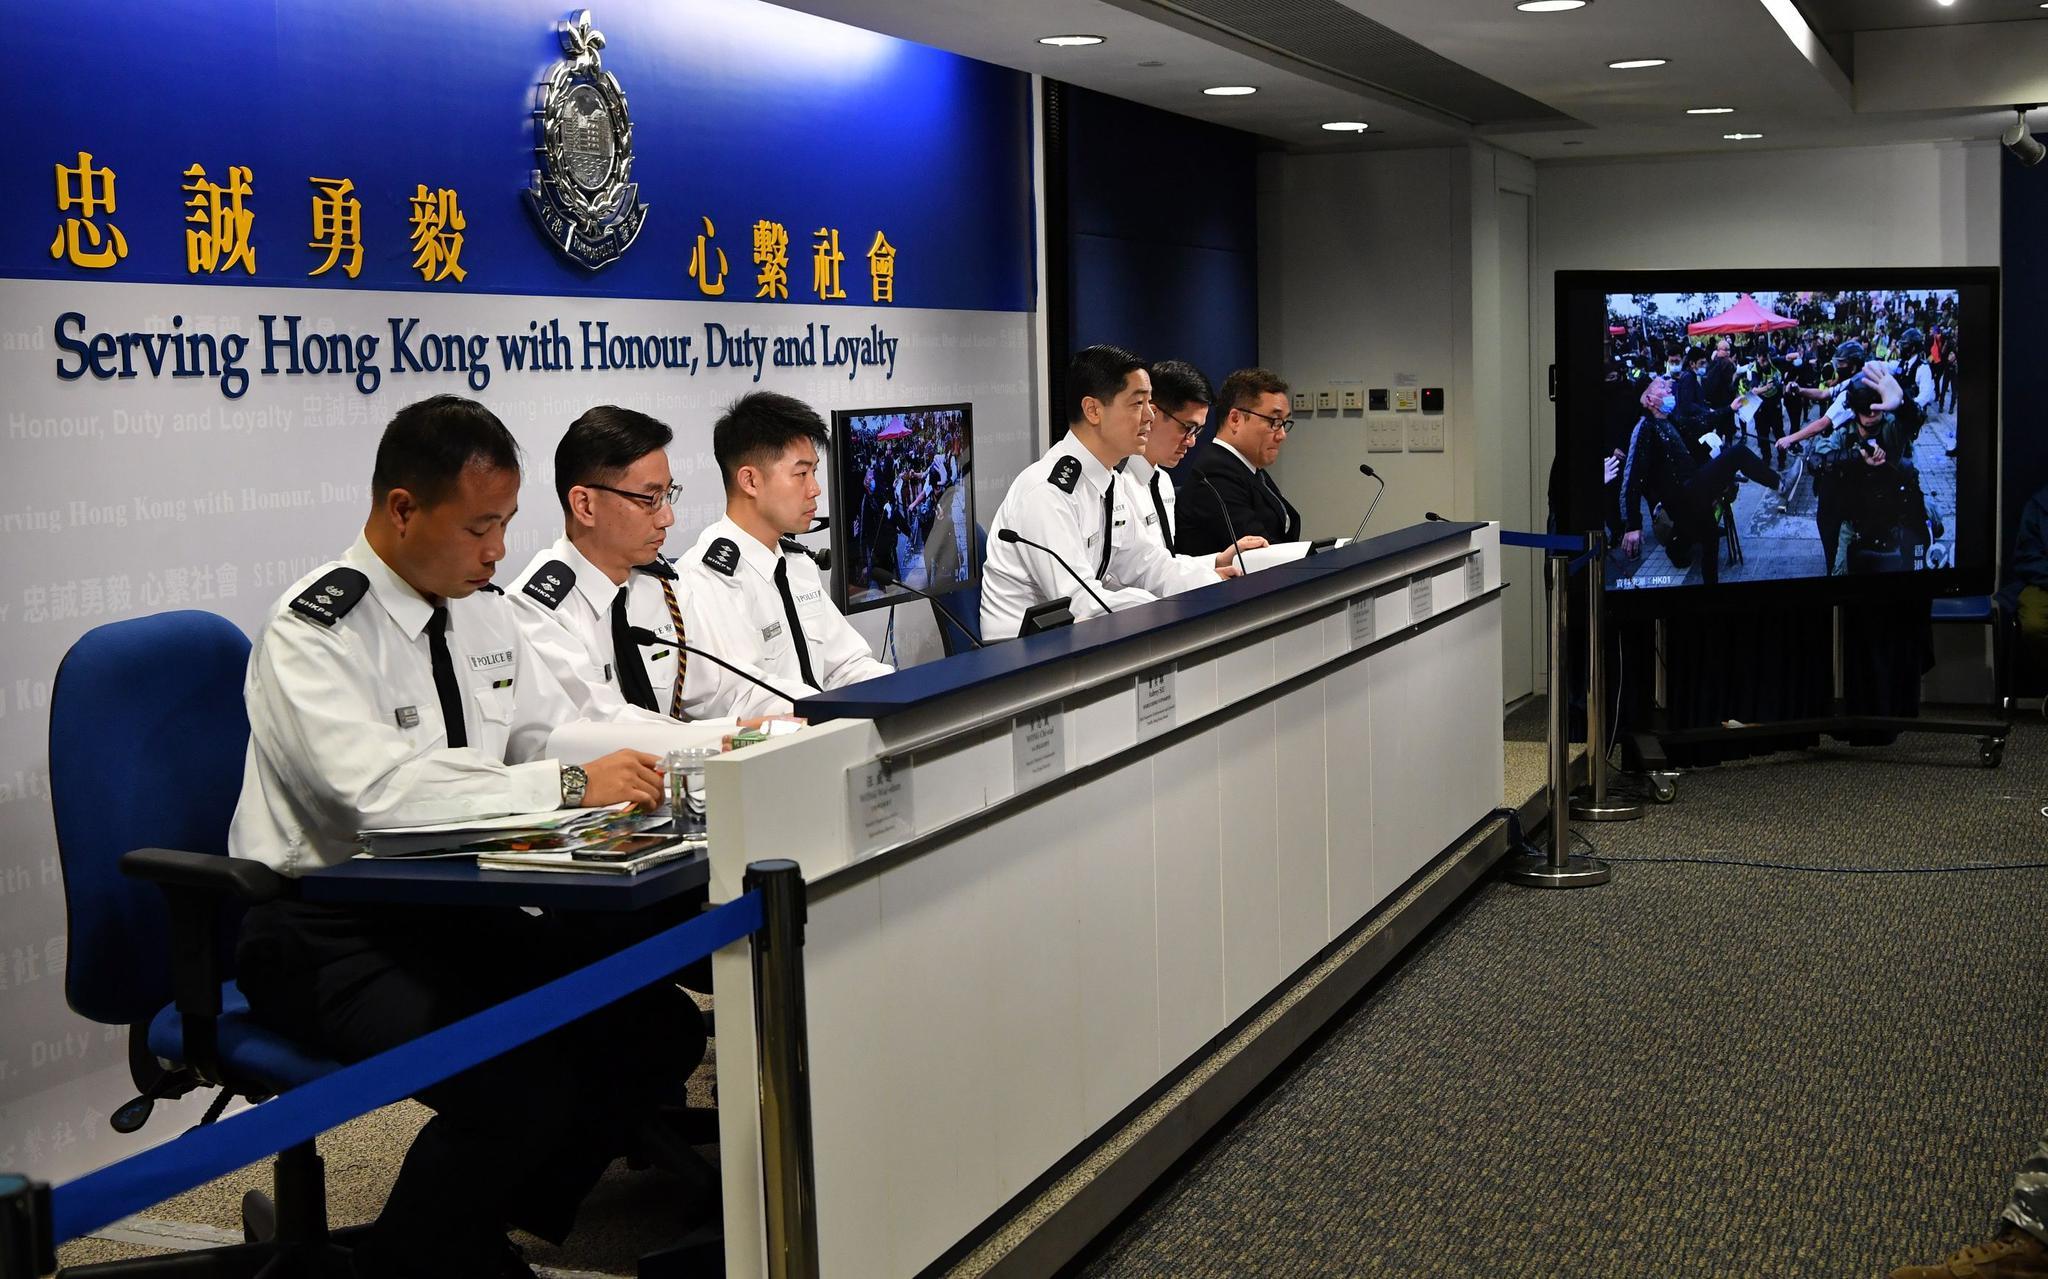 香港警方:全港市民都希望有一个和平安全的平安夜